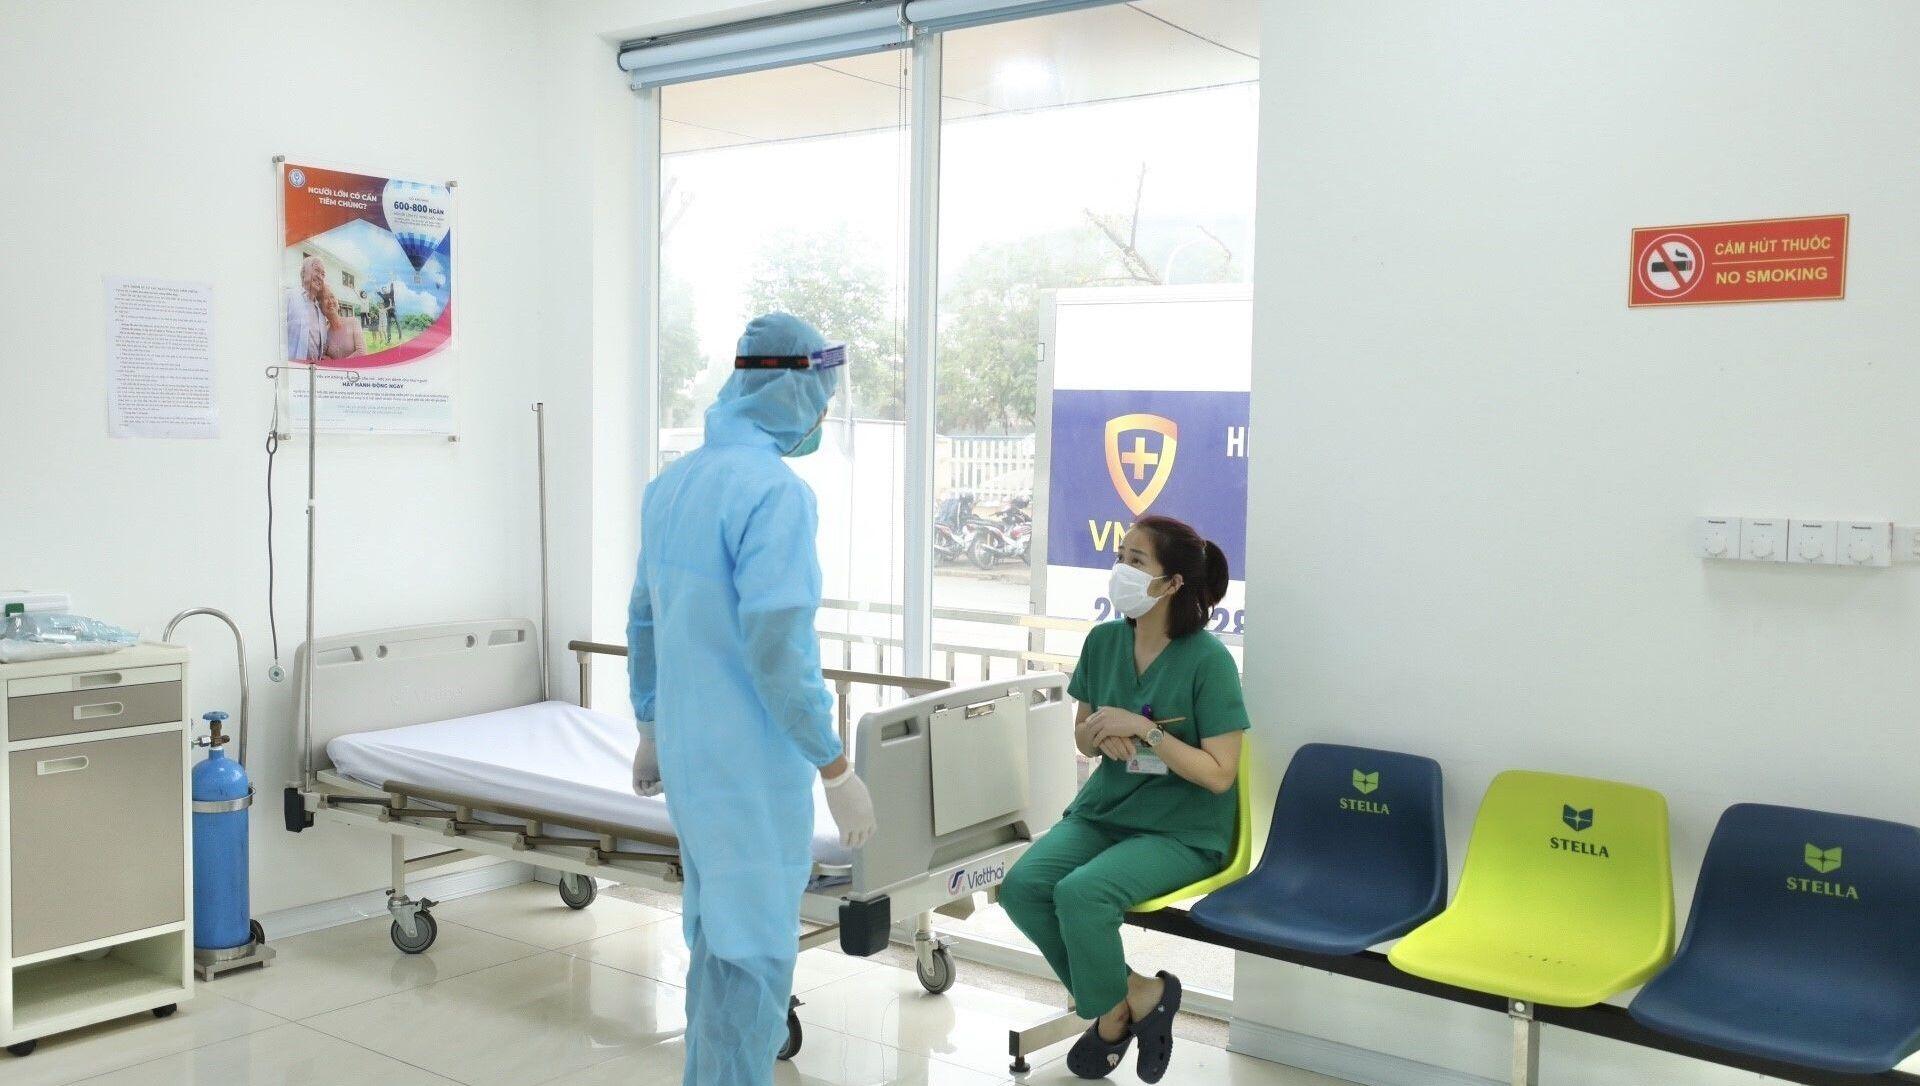 Phòng theo dõi sau khi tiêm vaccine phòng COVID-19 tại Bệnh viện Bệnh Nhiệt đới TƯ. - Sputnik Việt Nam, 1920, 13.03.2021